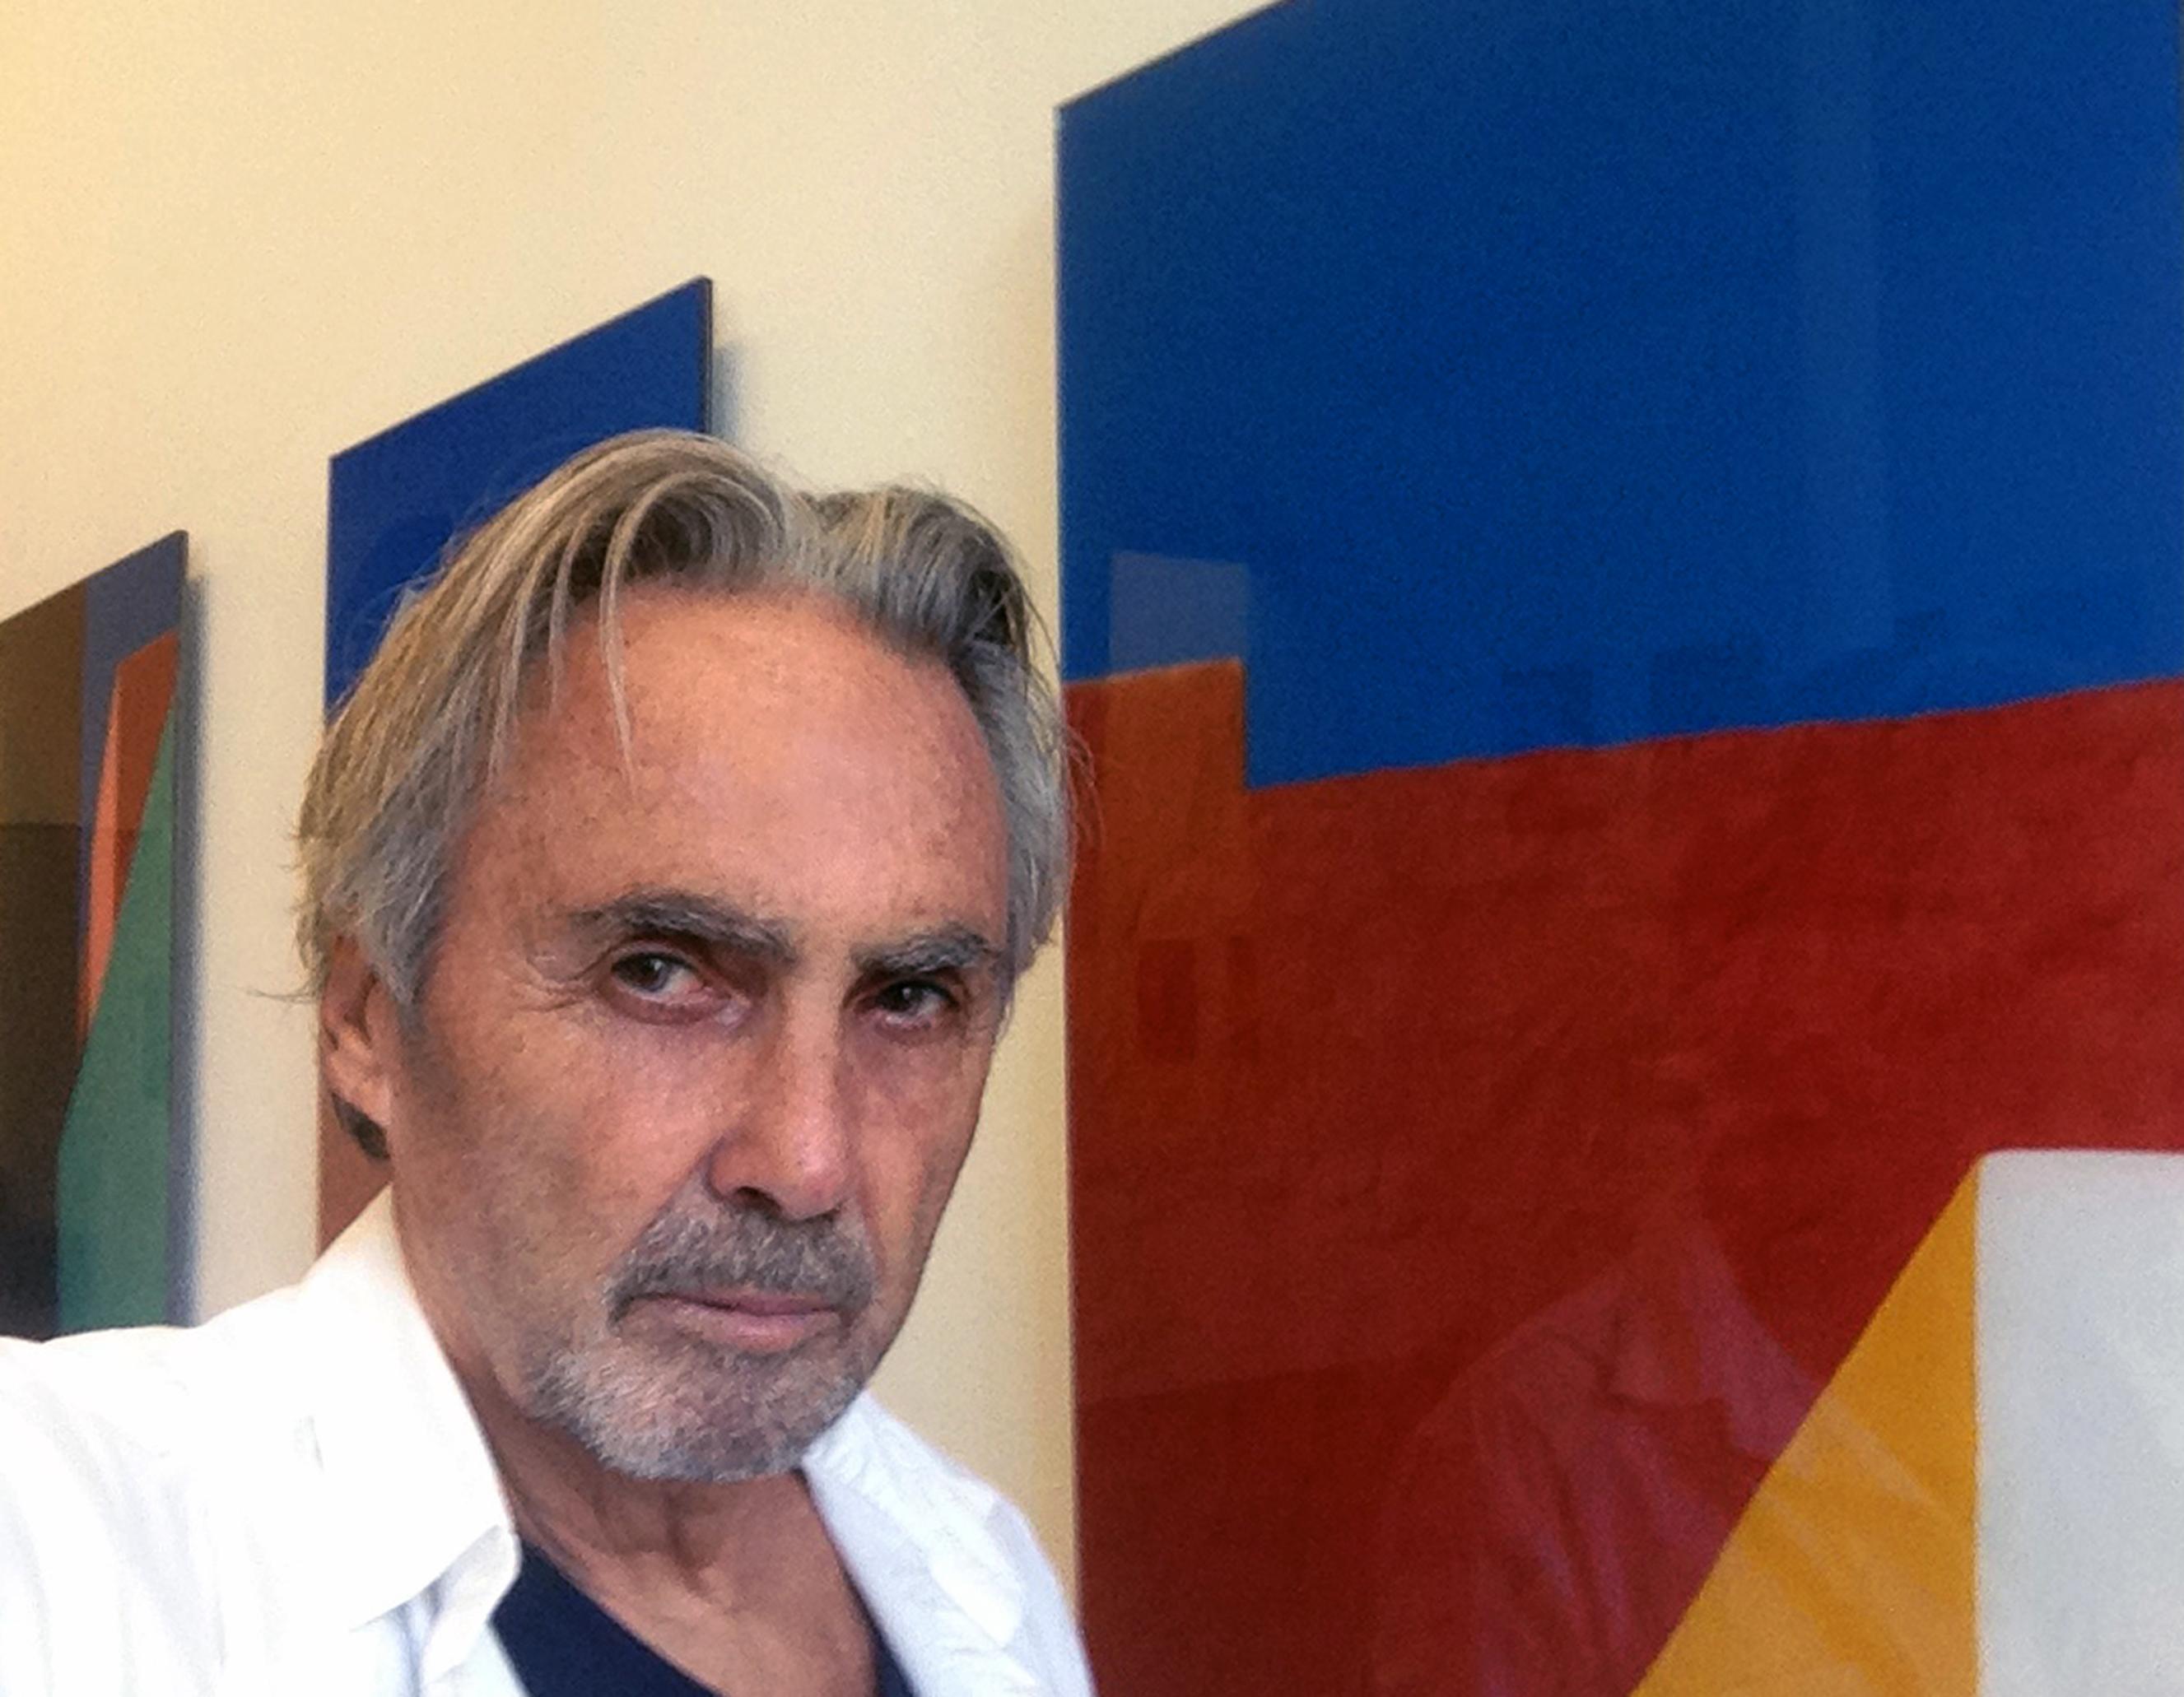 El fotógrafo Ángel L. Aldai, nuevo académico de Cine, Fotografía y Creación digital de la Academia de Bellas Artes